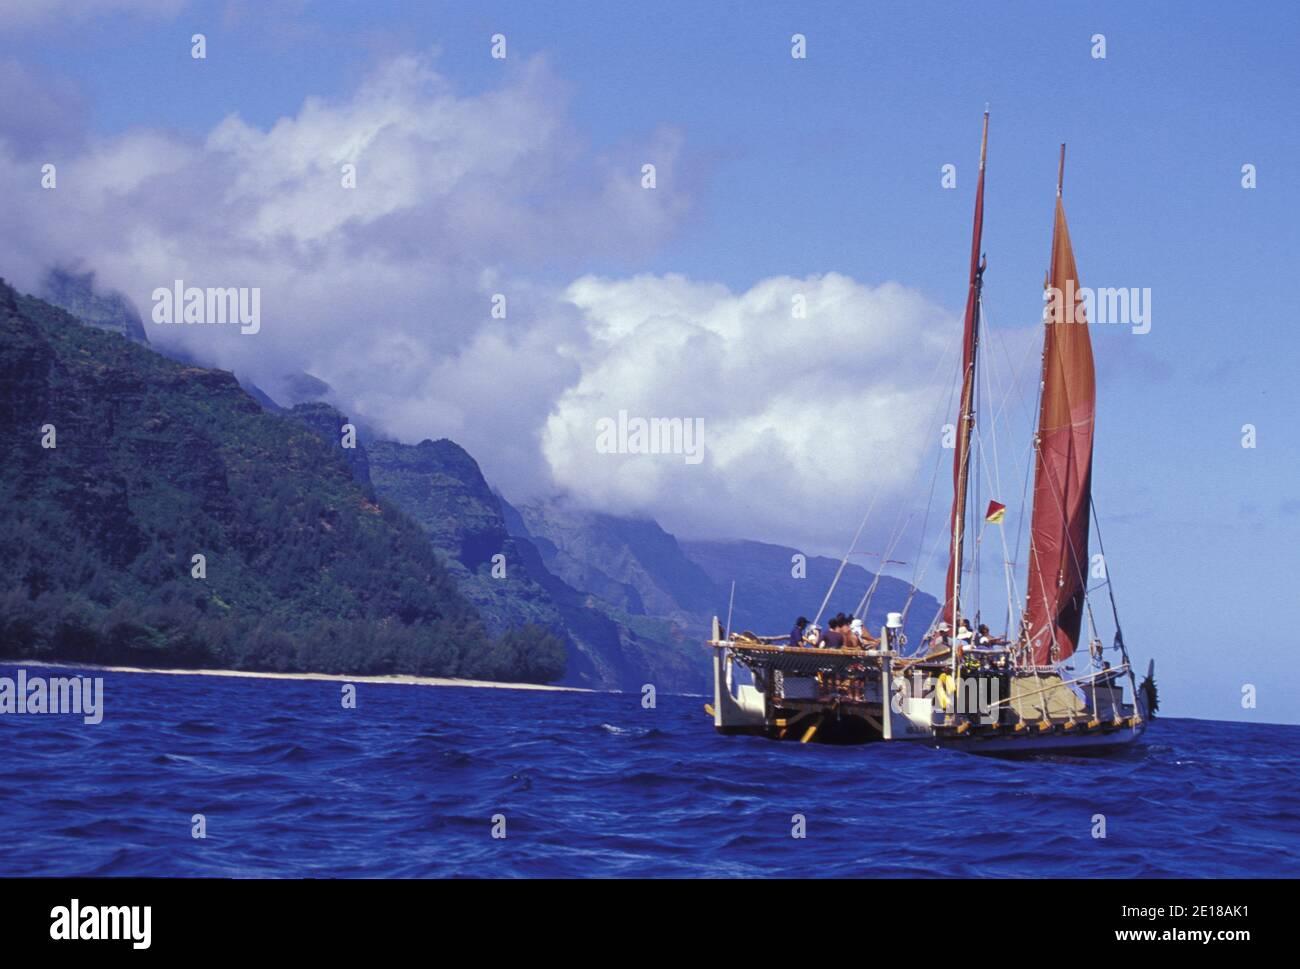 Hokulea, una tradizionale canoa a vela hawaiana a doppio scafo, salpa al largo della costa di Na Pali per il viaggio verso le isole hawaiane nordoccidentali Foto Stock